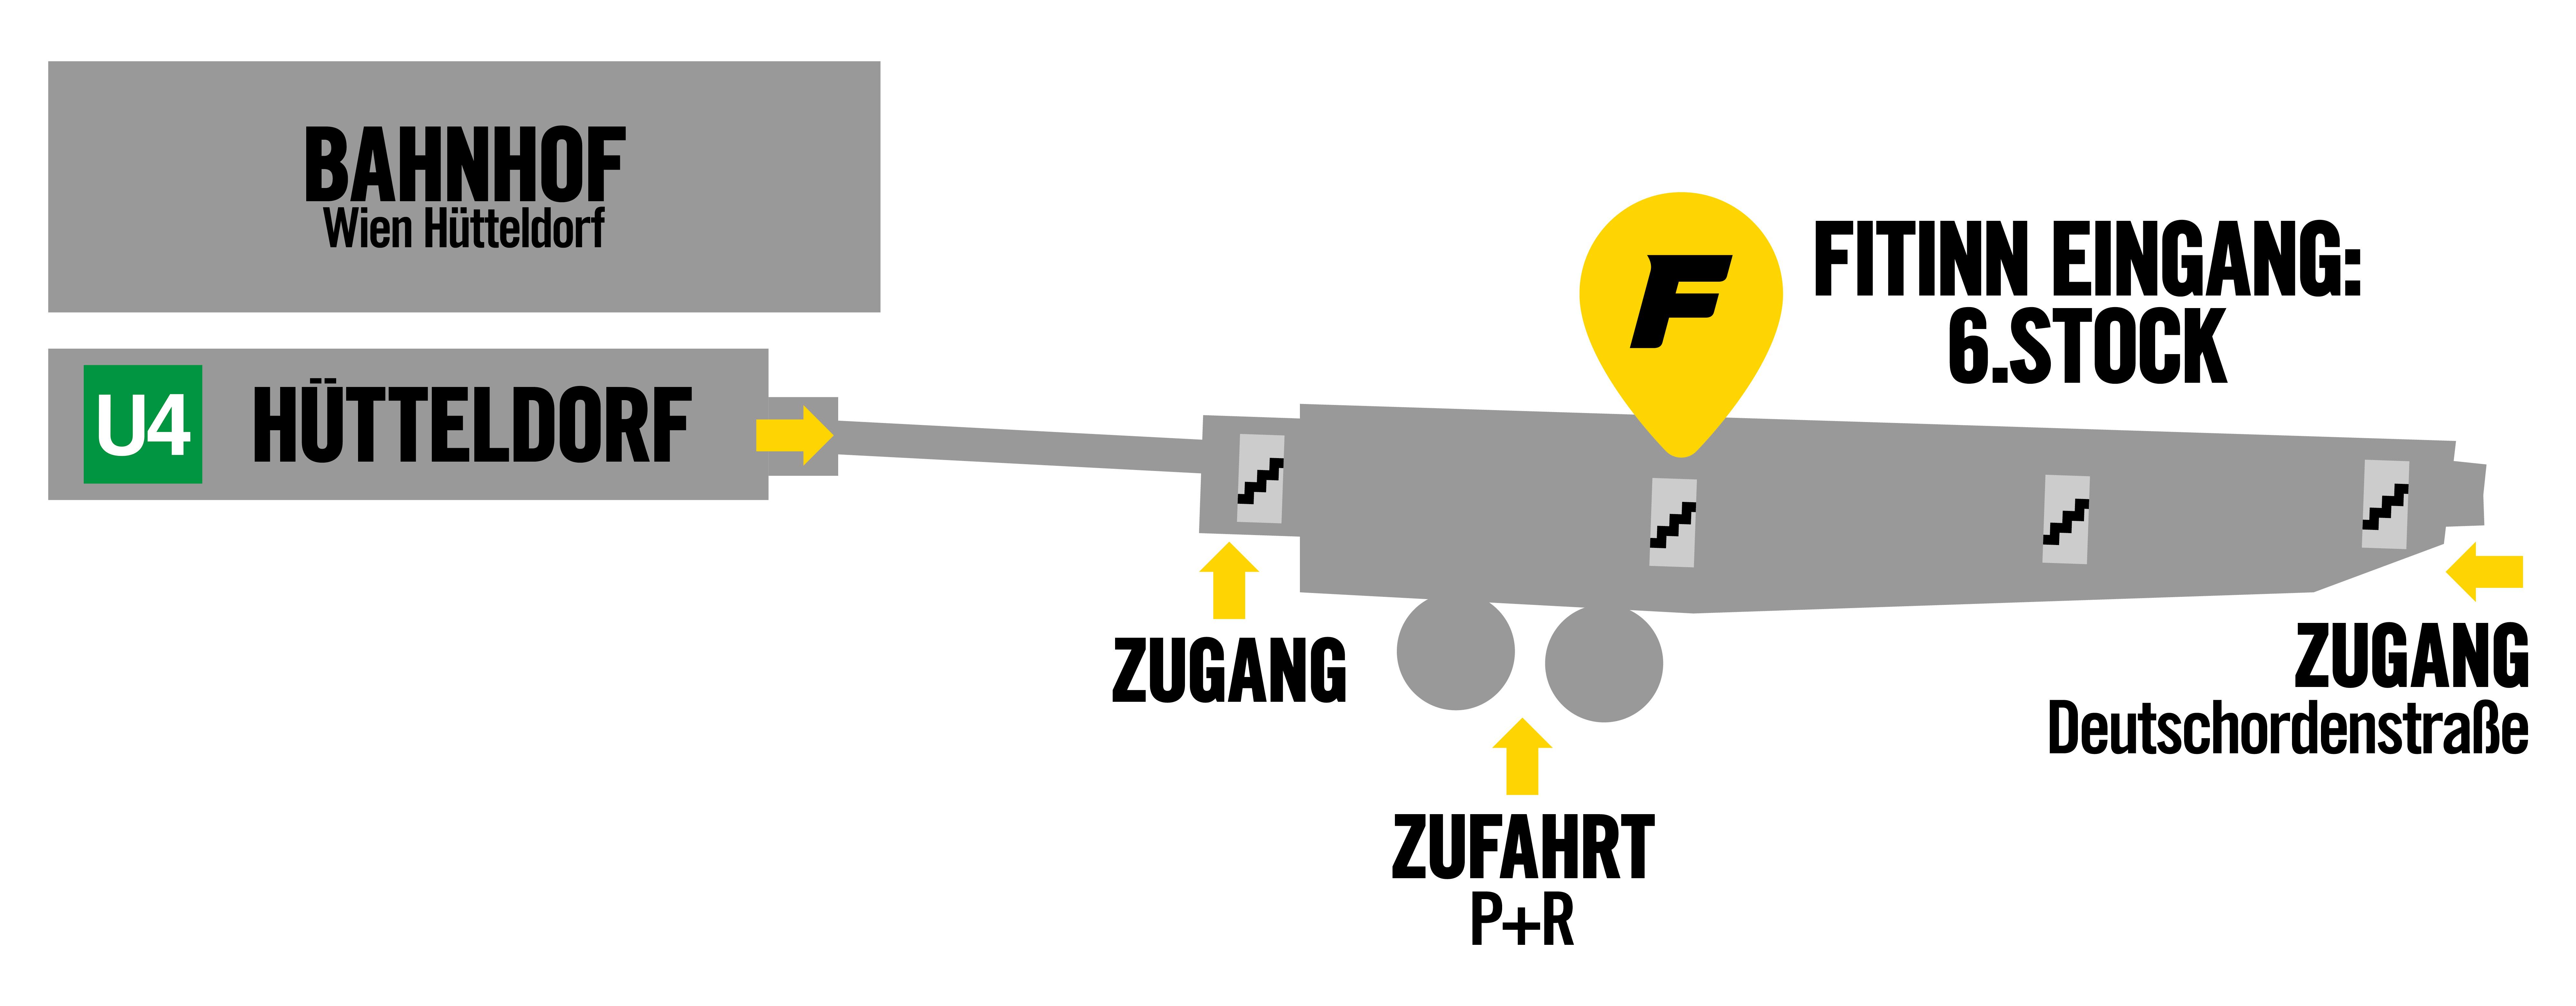 Zugangsskizze FITINN Hütteldorf